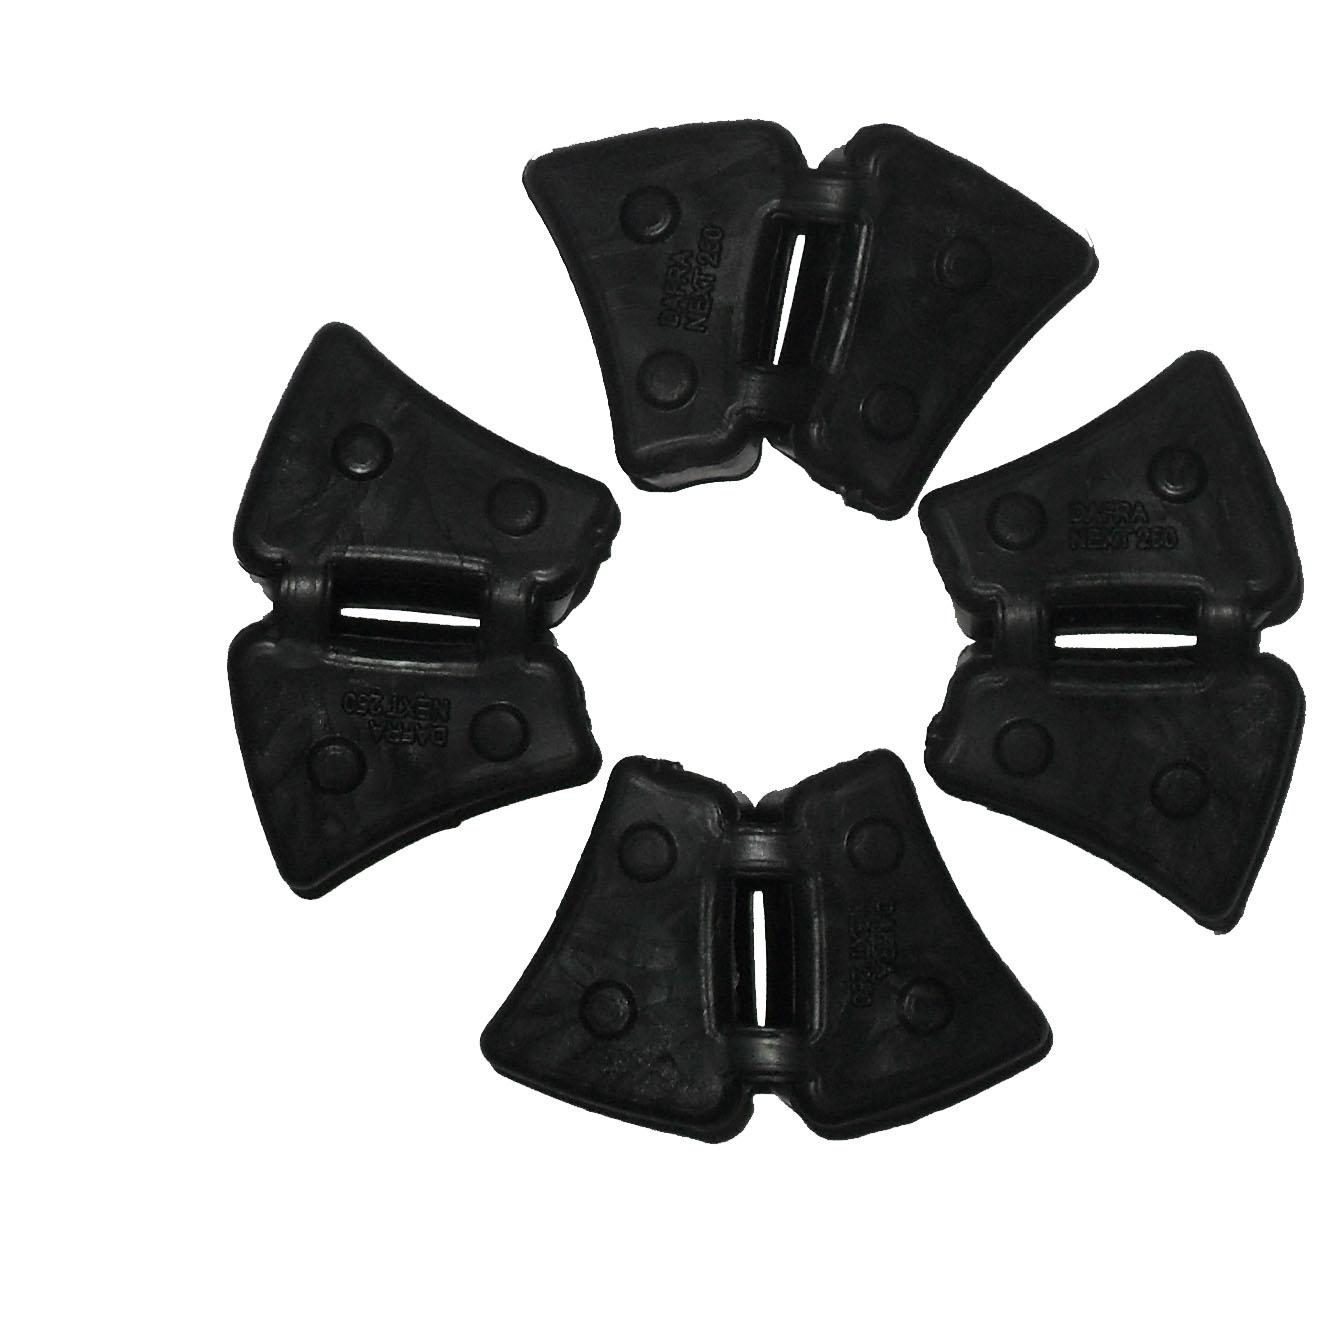 Bucha da Coroa Dafra NEXT 250 (KIT com 4)